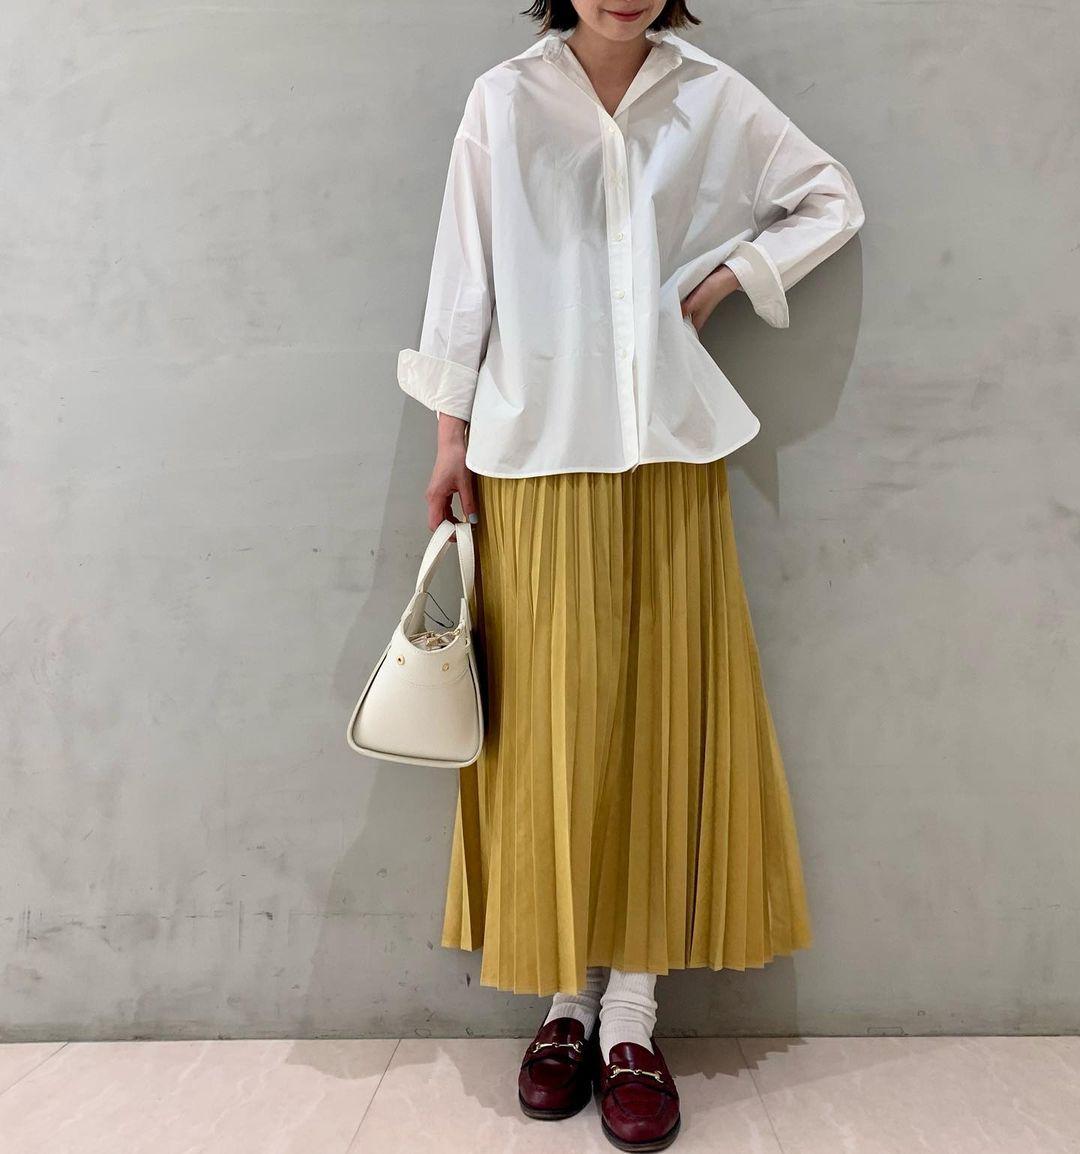 スカートで季節感を演出するローファーコーデ